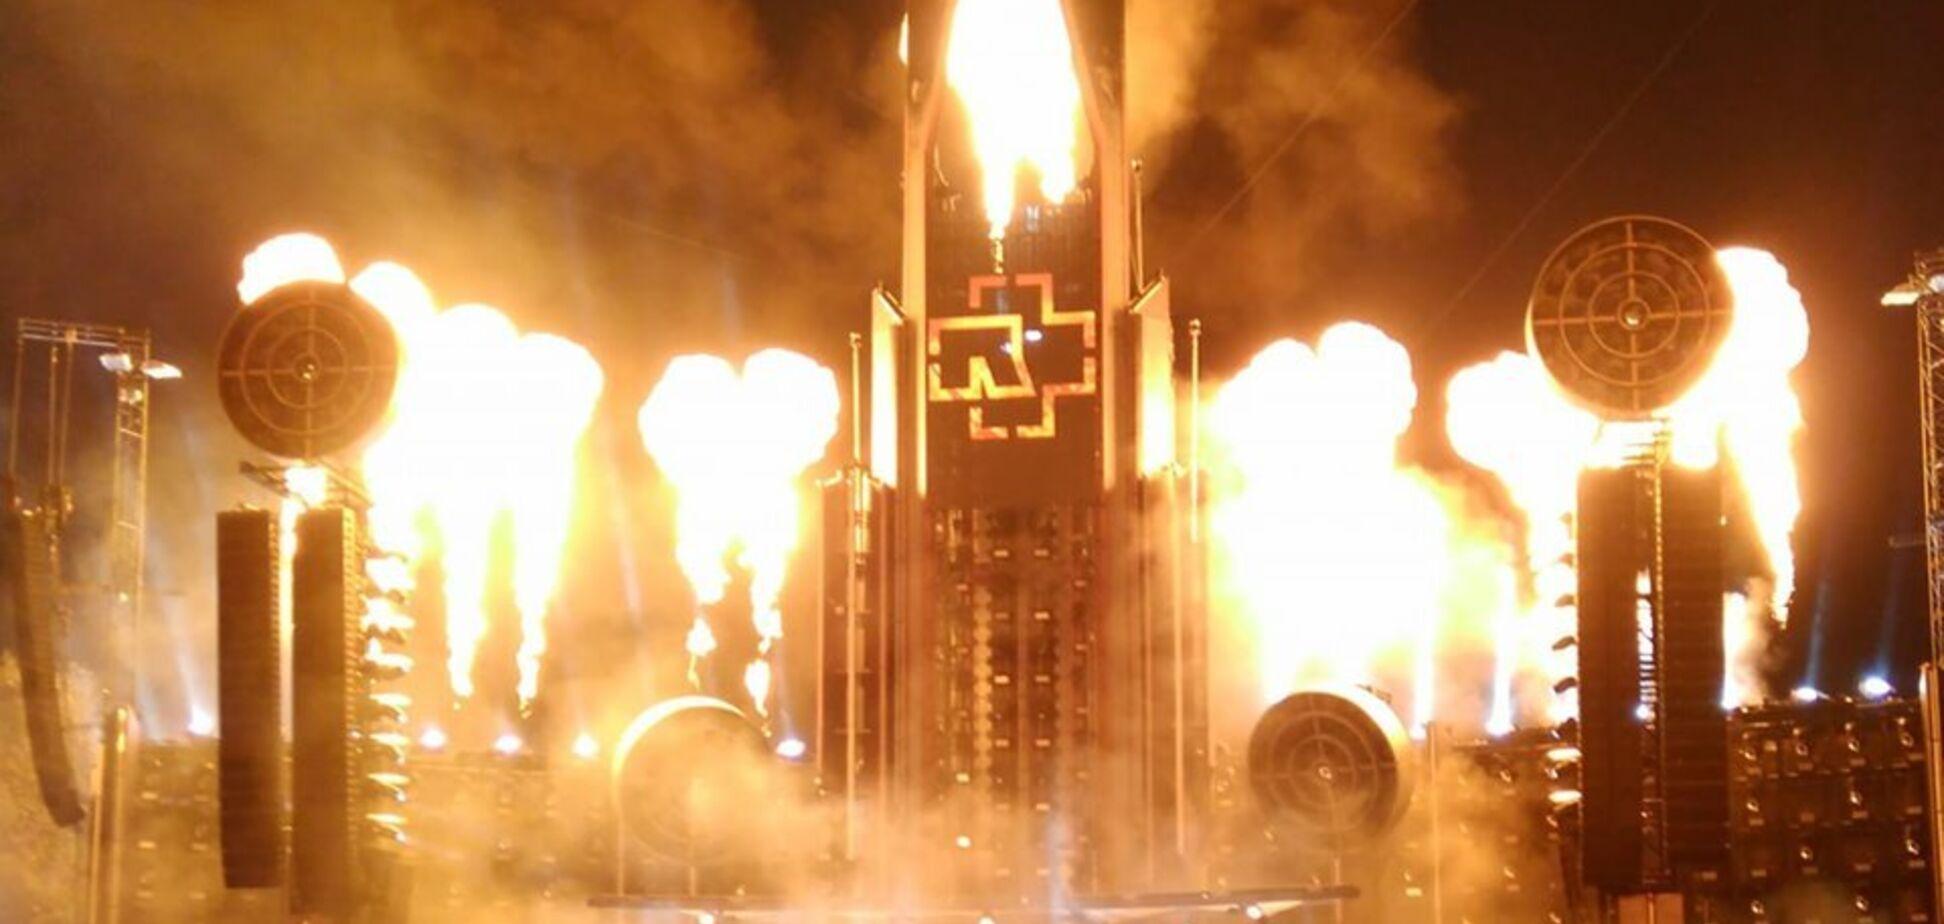 На концерті Rammstein у Ризі сталася пожежа: з'явилося відео